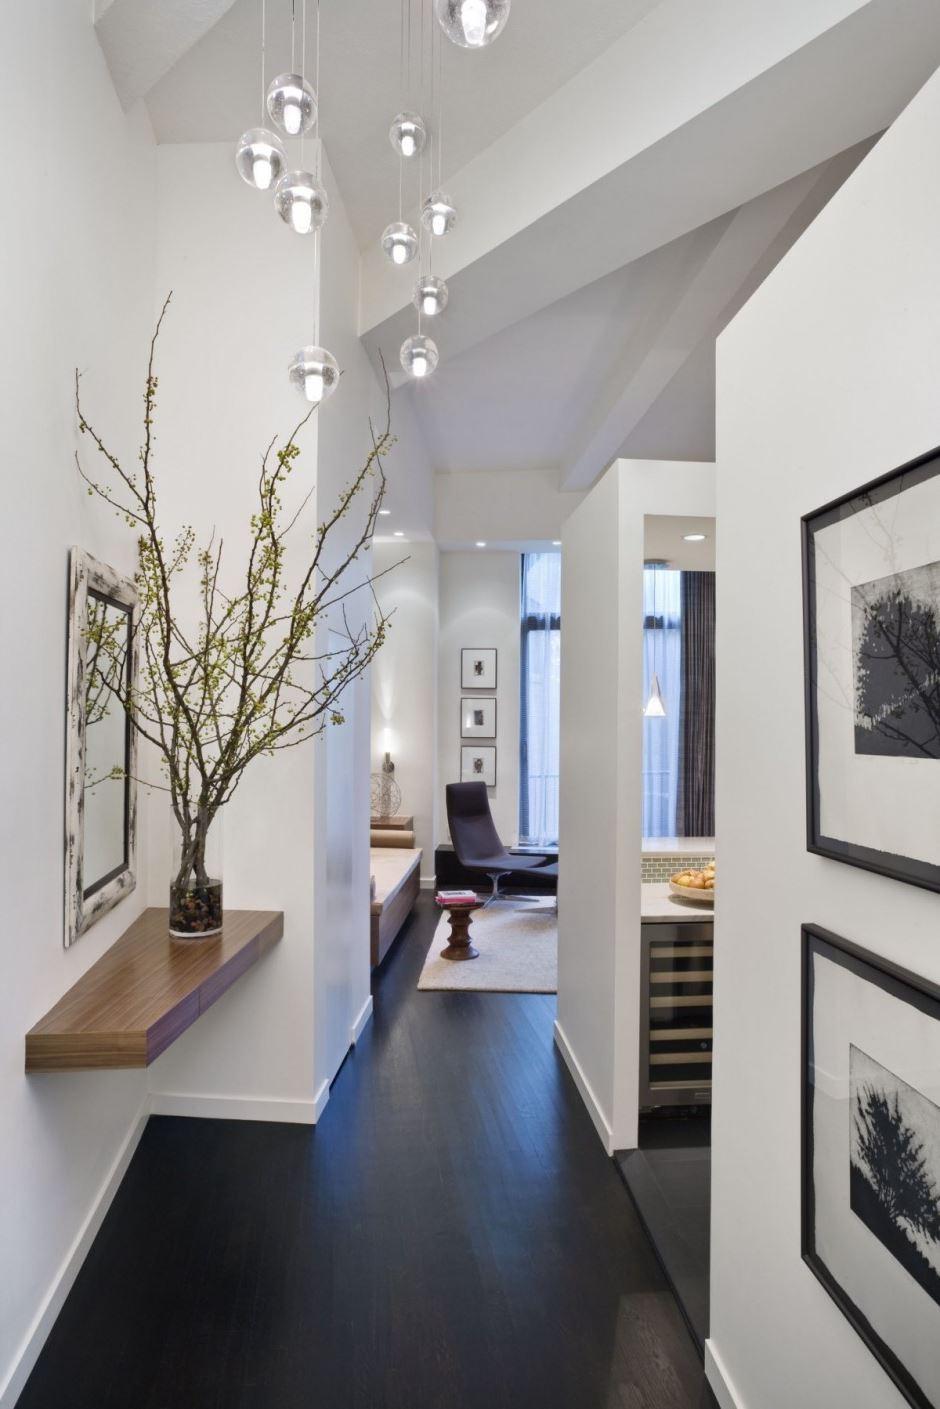 Pour créer un look plus élégant, choisissez des œuvres d'art pour la décoration de votre maison.